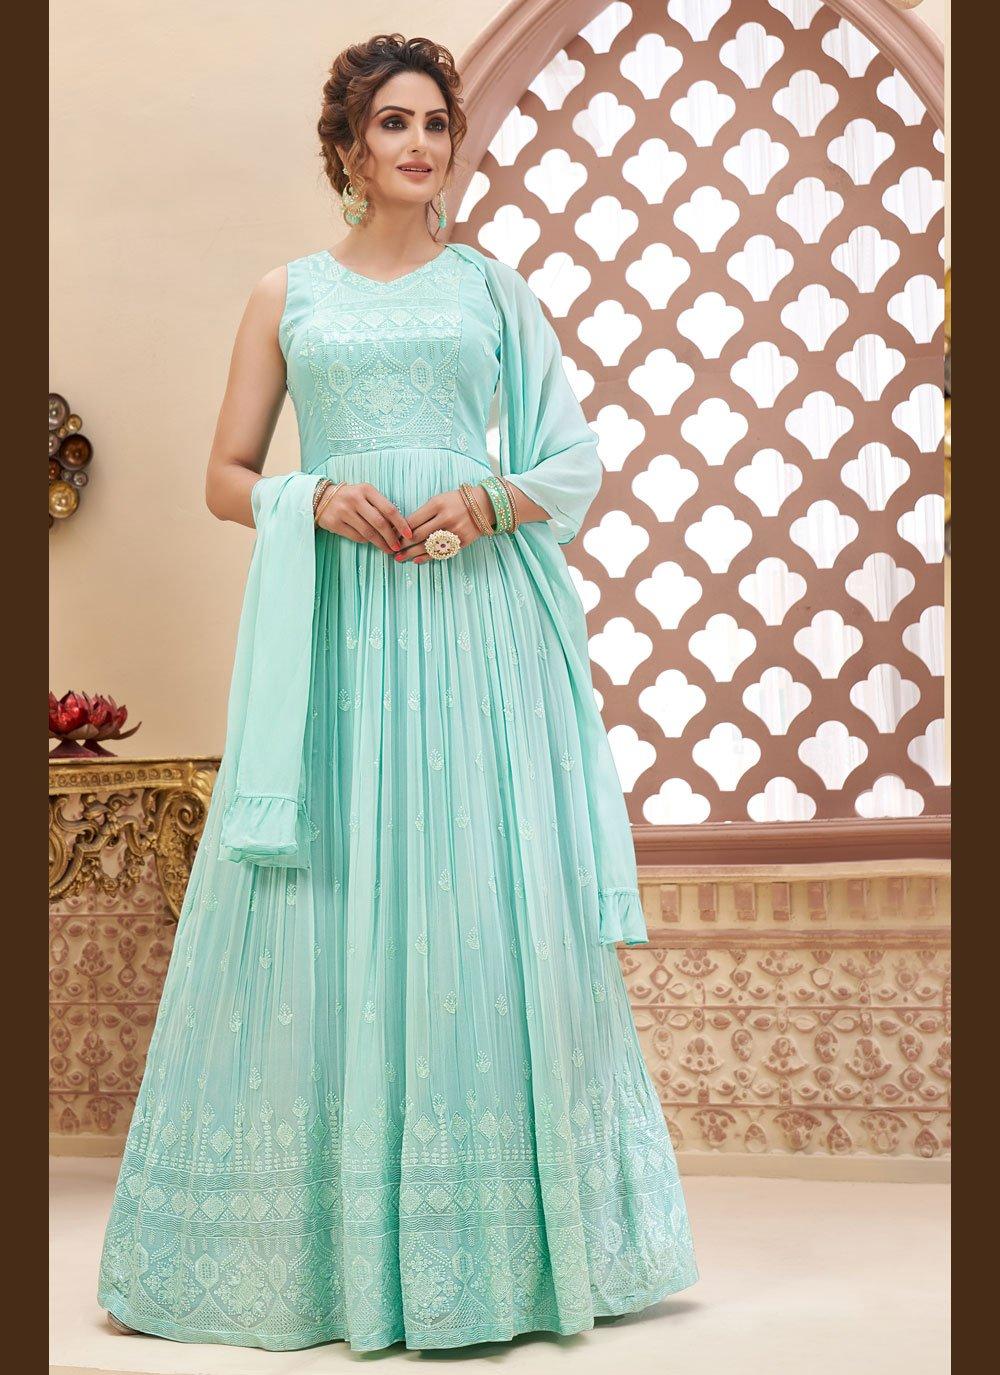 Faux Georgette Readymade Anarkali Suit in Aqua Blue